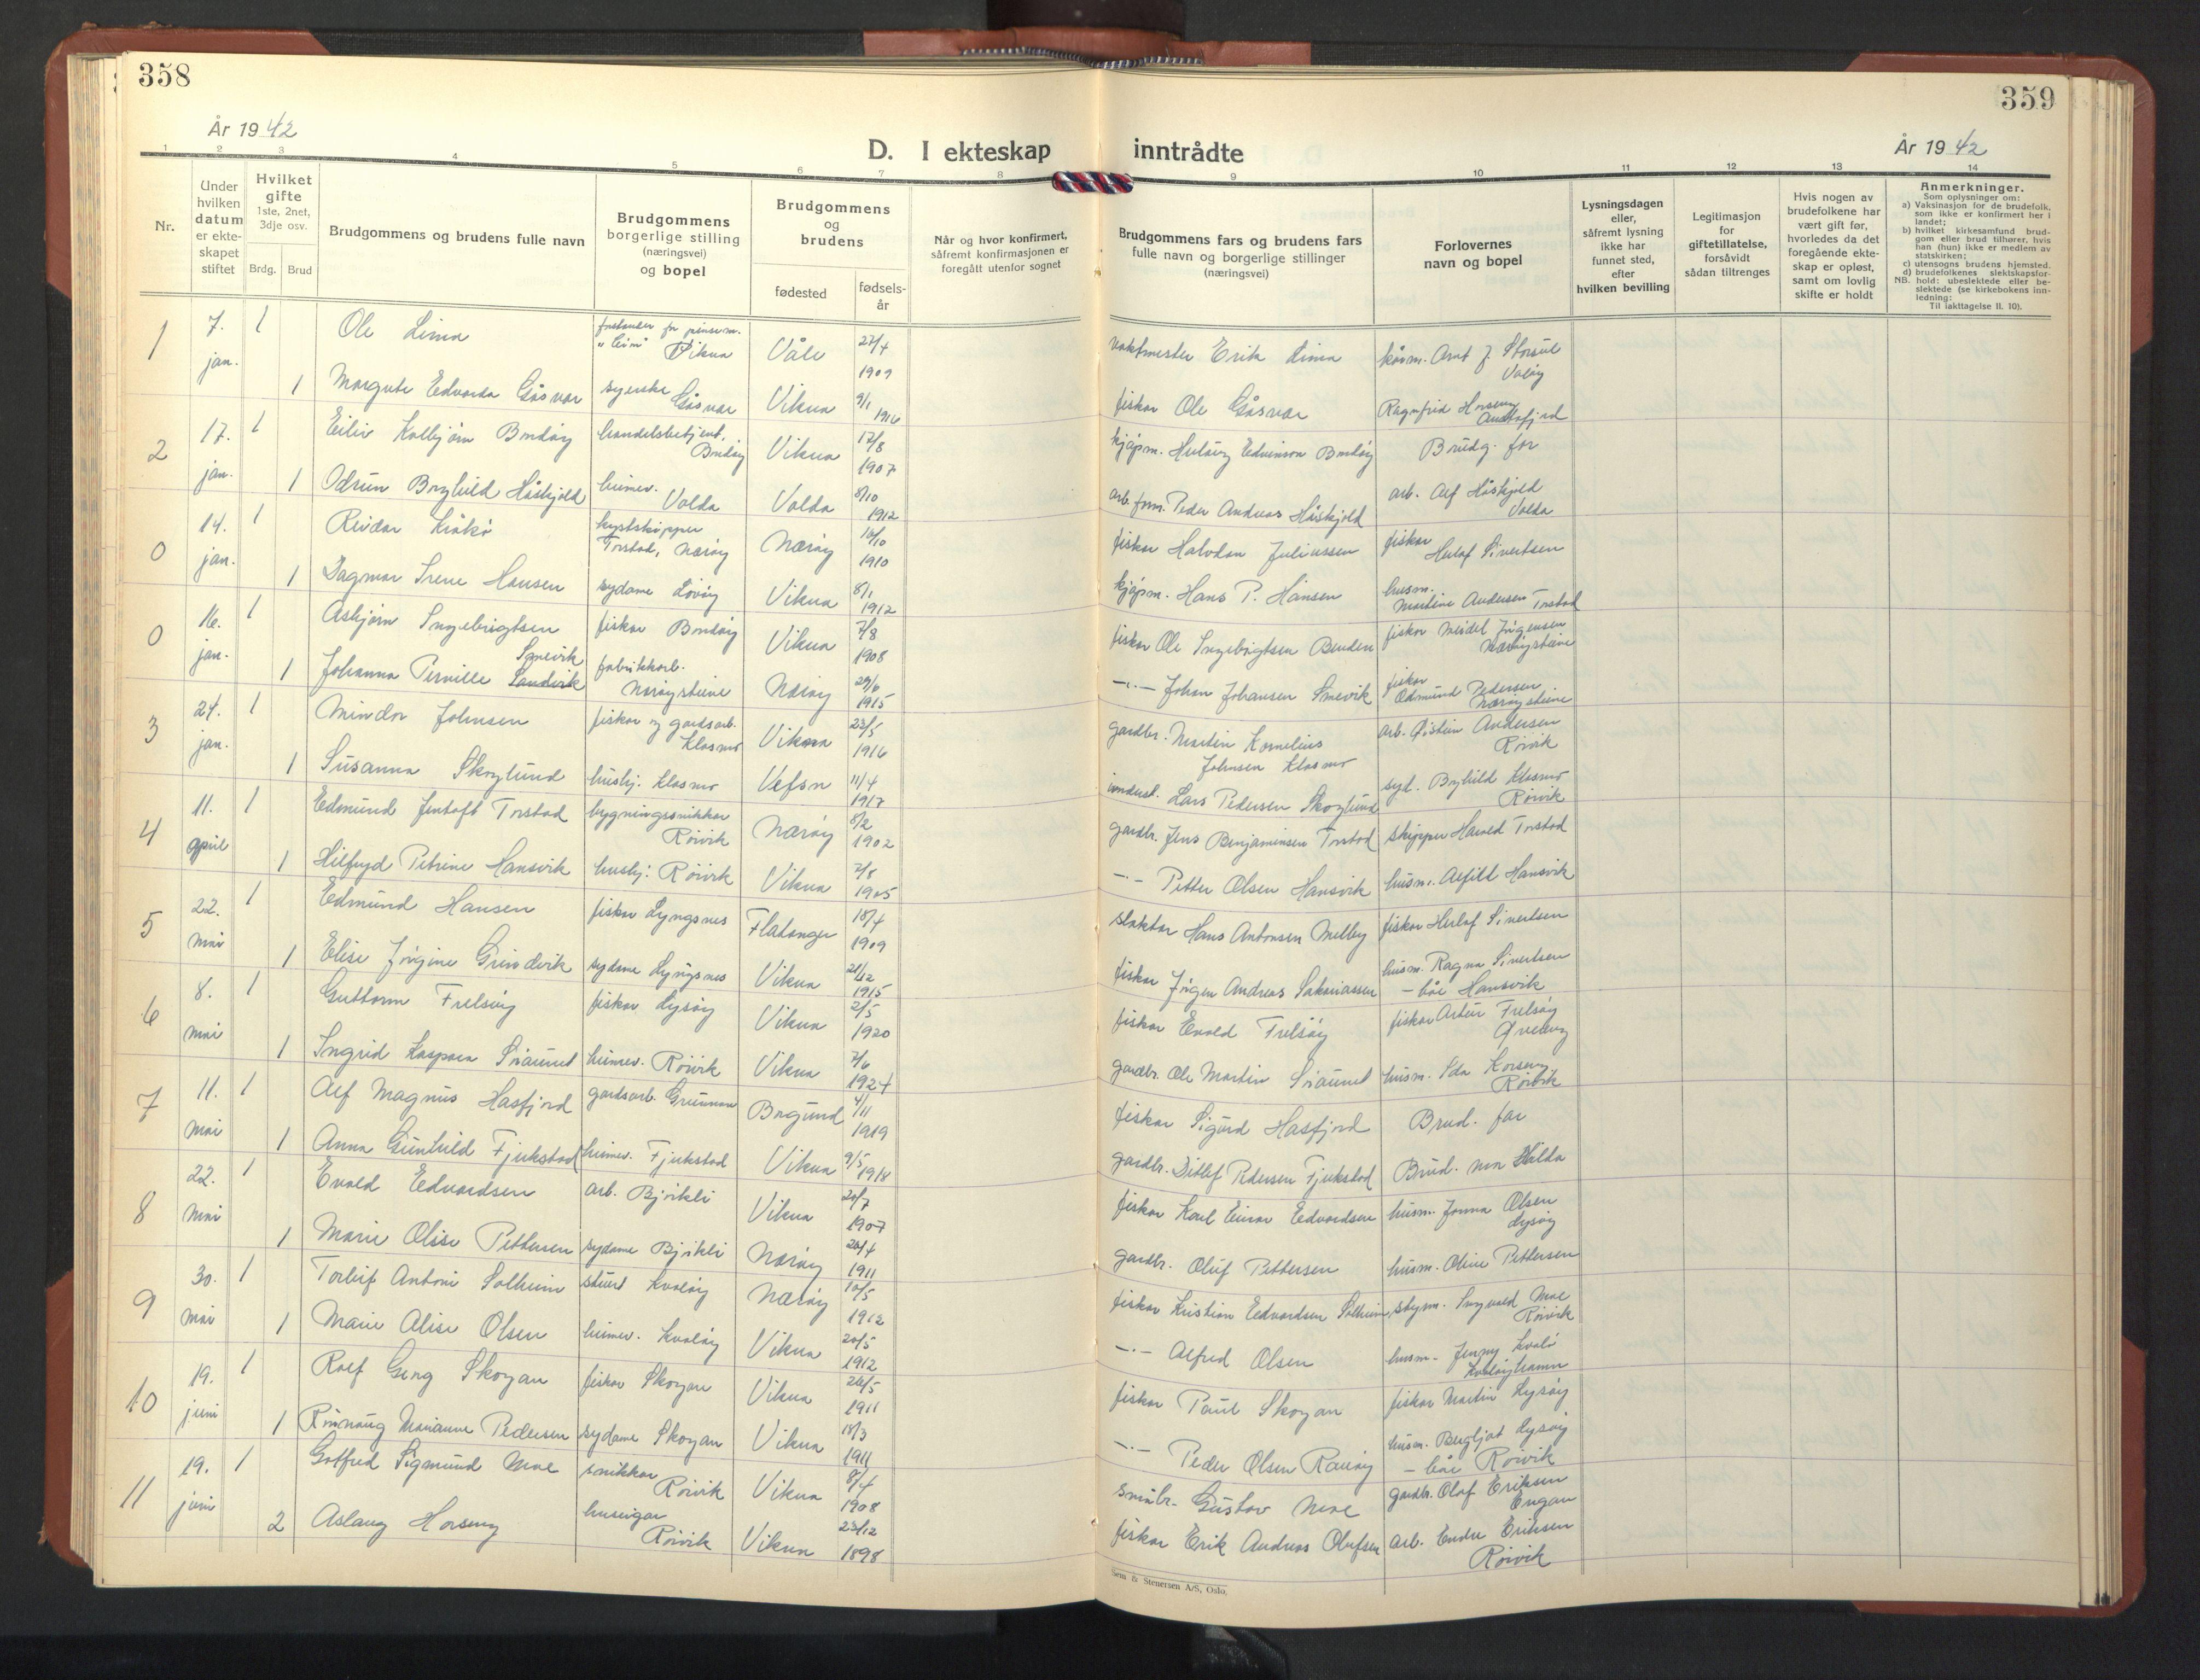 SAT, Ministerialprotokoller, klokkerbøker og fødselsregistre - Nord-Trøndelag, 786/L0689: Klokkerbok nr. 786C01, 1940-1948, s. 358-359